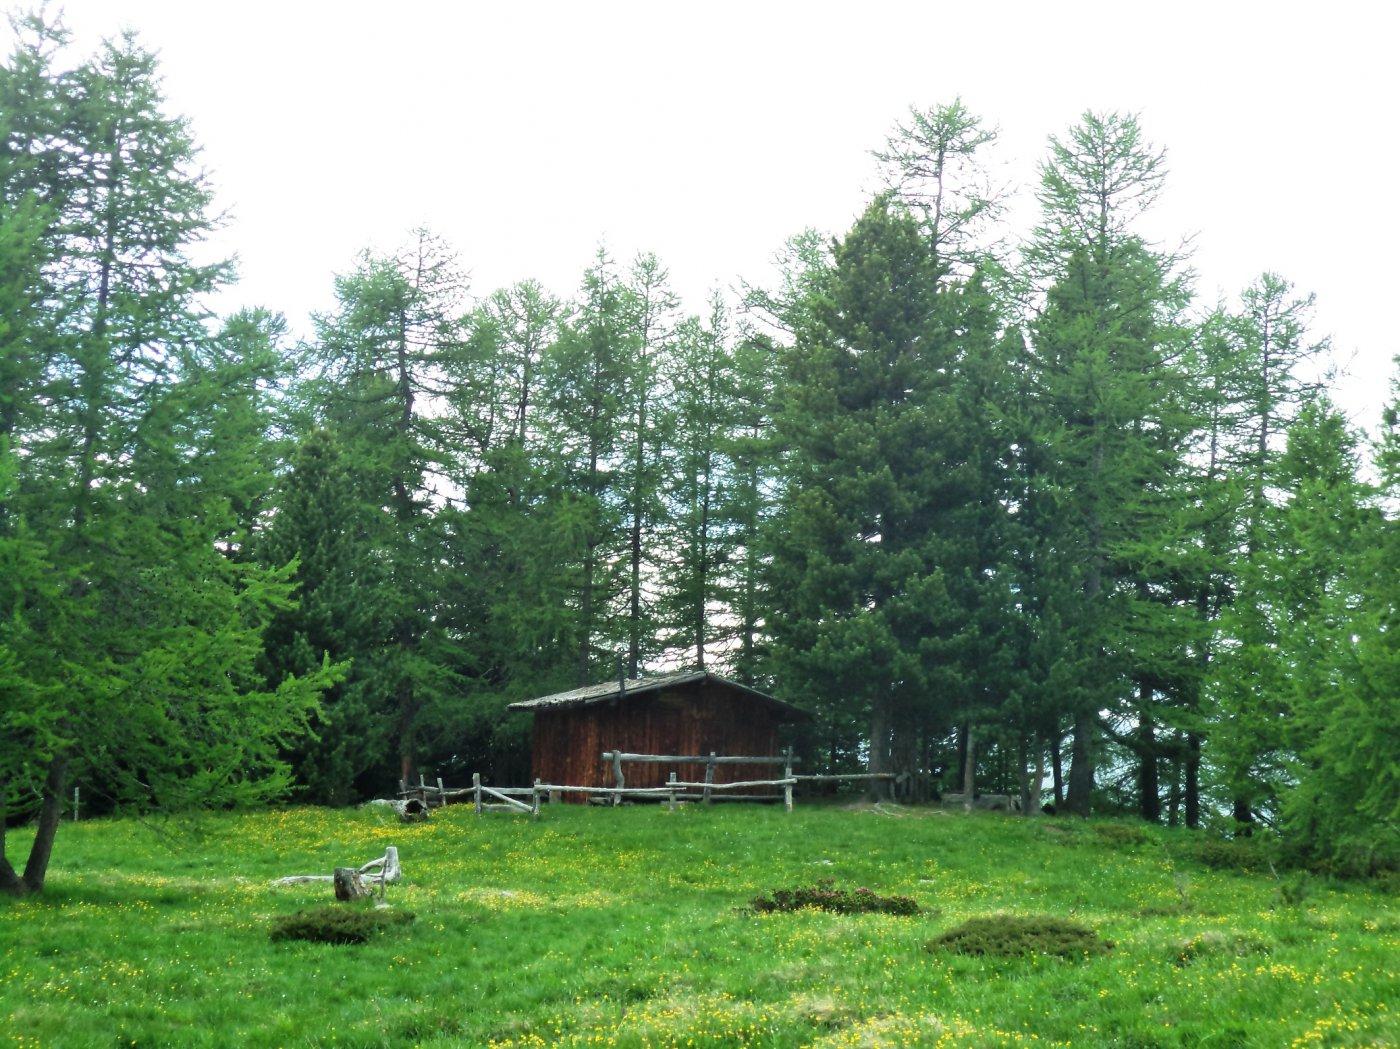 baita ambrogio: un angolo di Svizzera